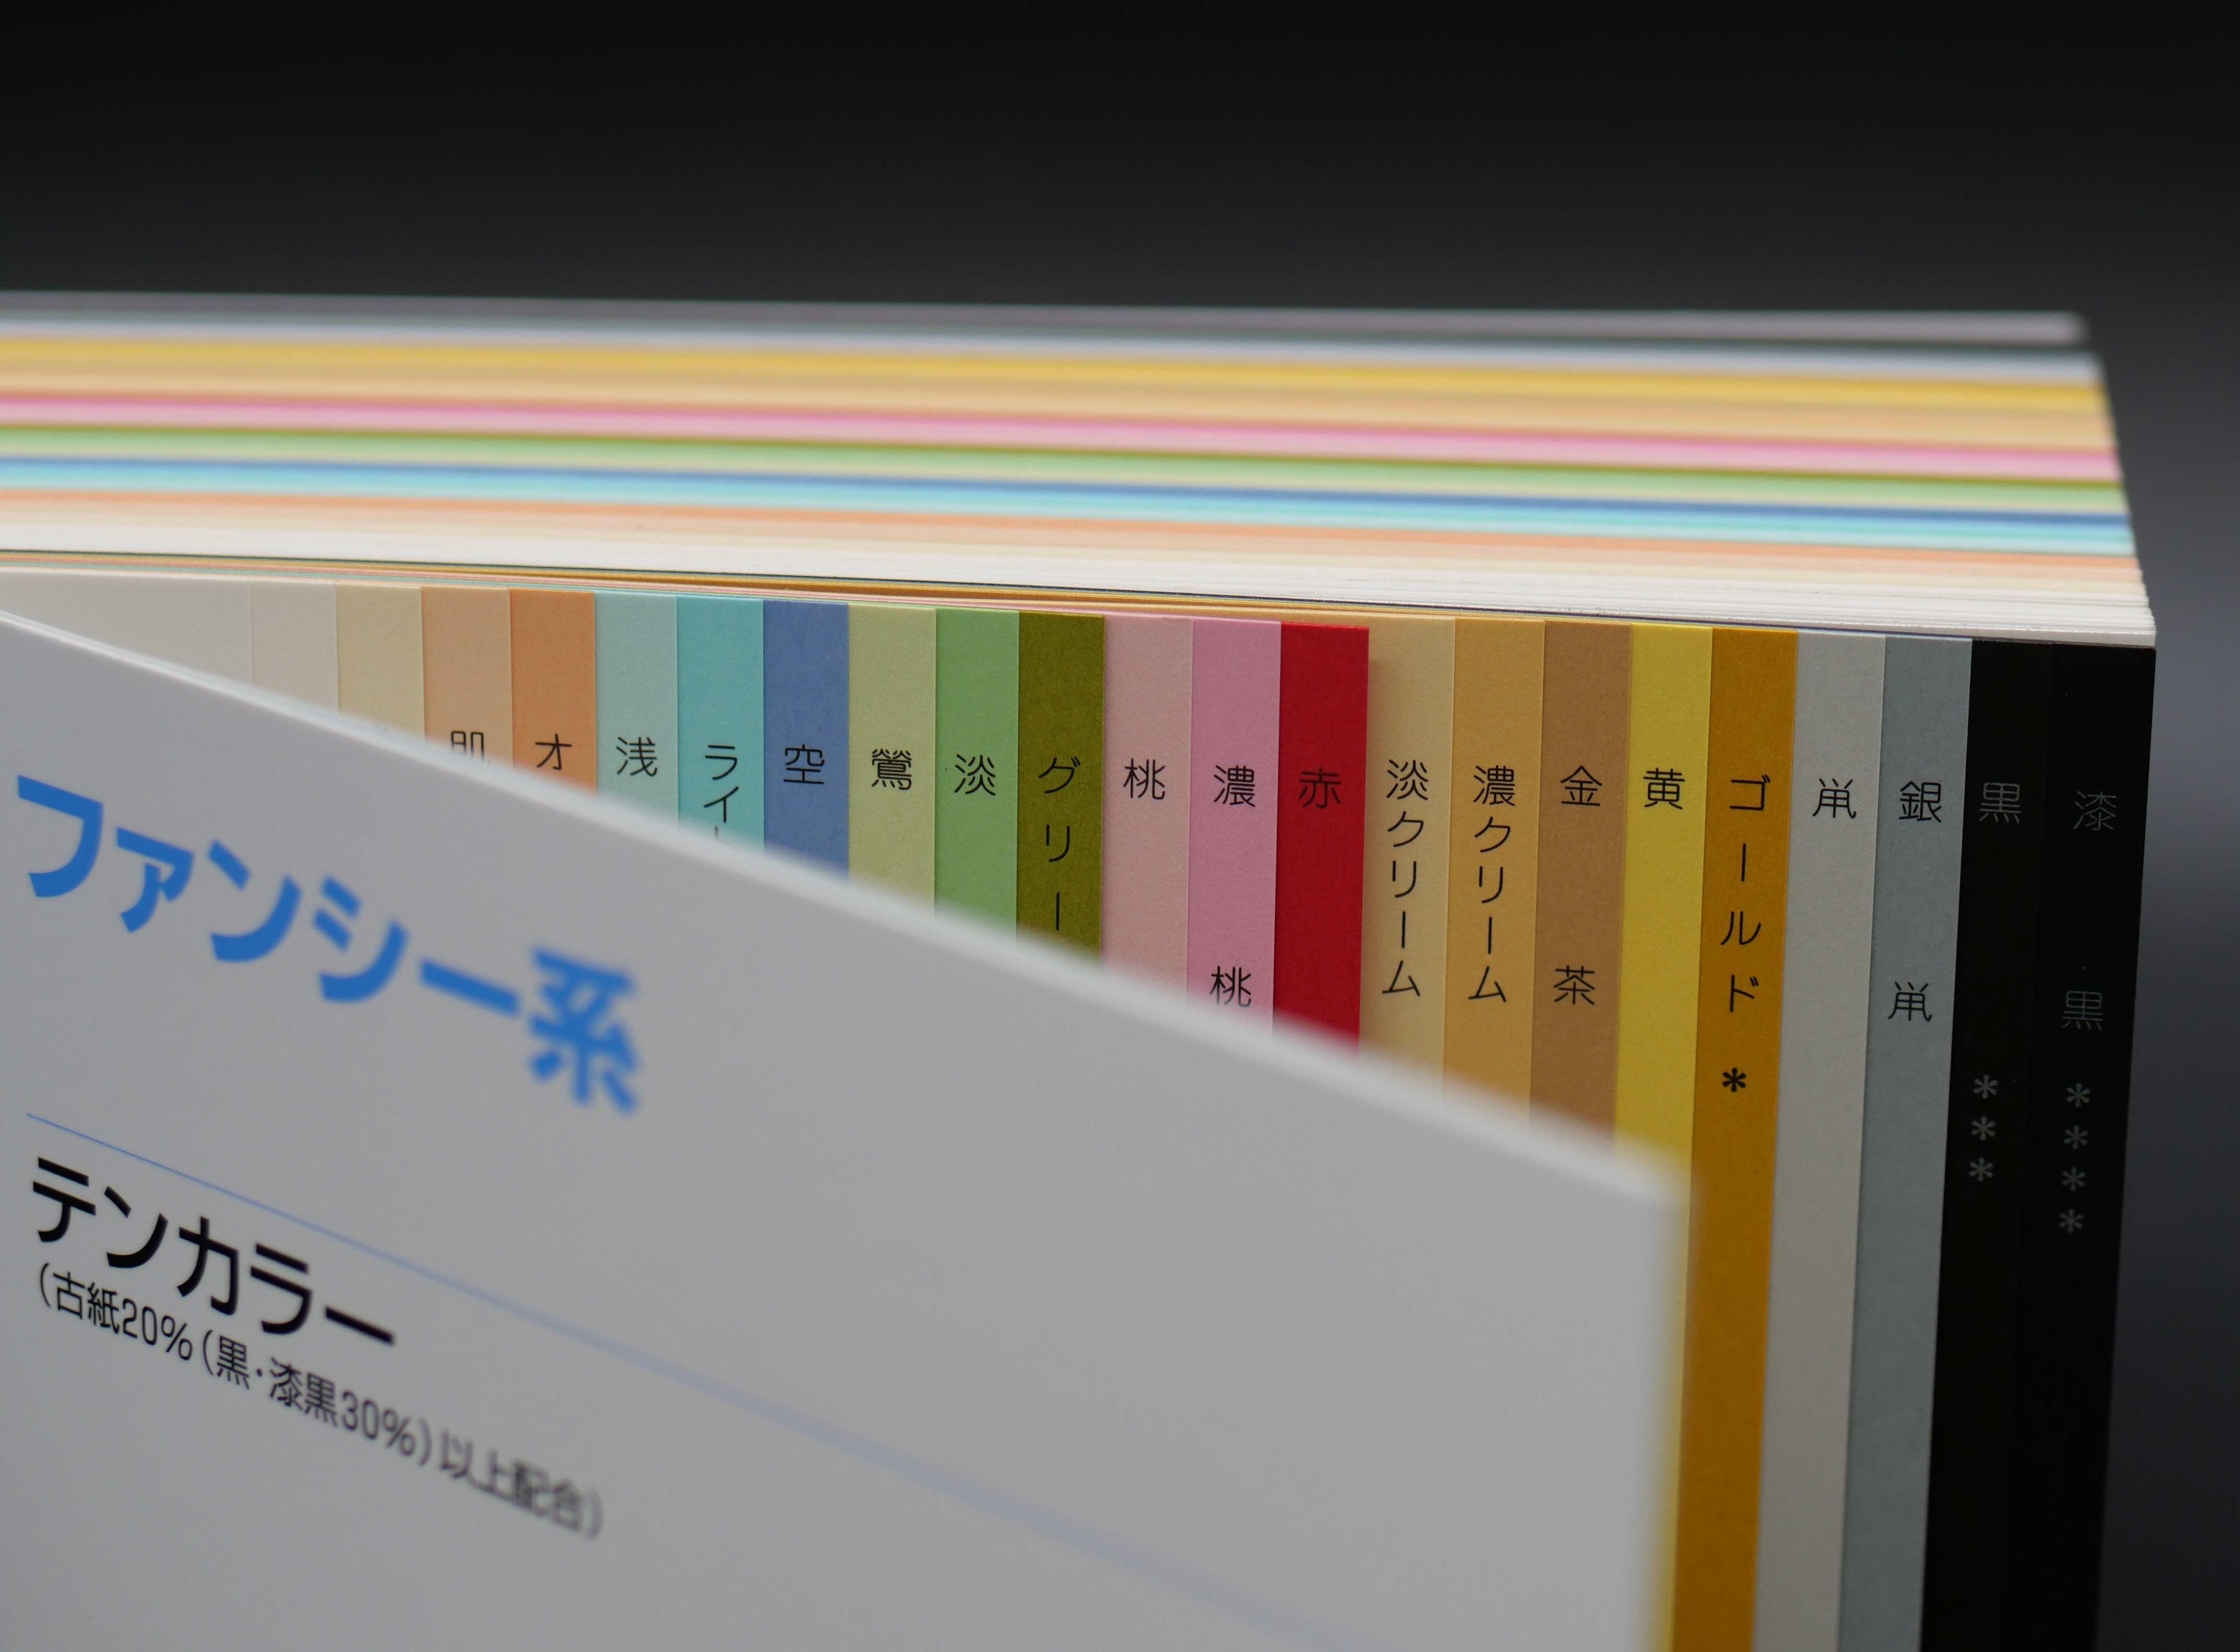 tencolorsubu.jpg